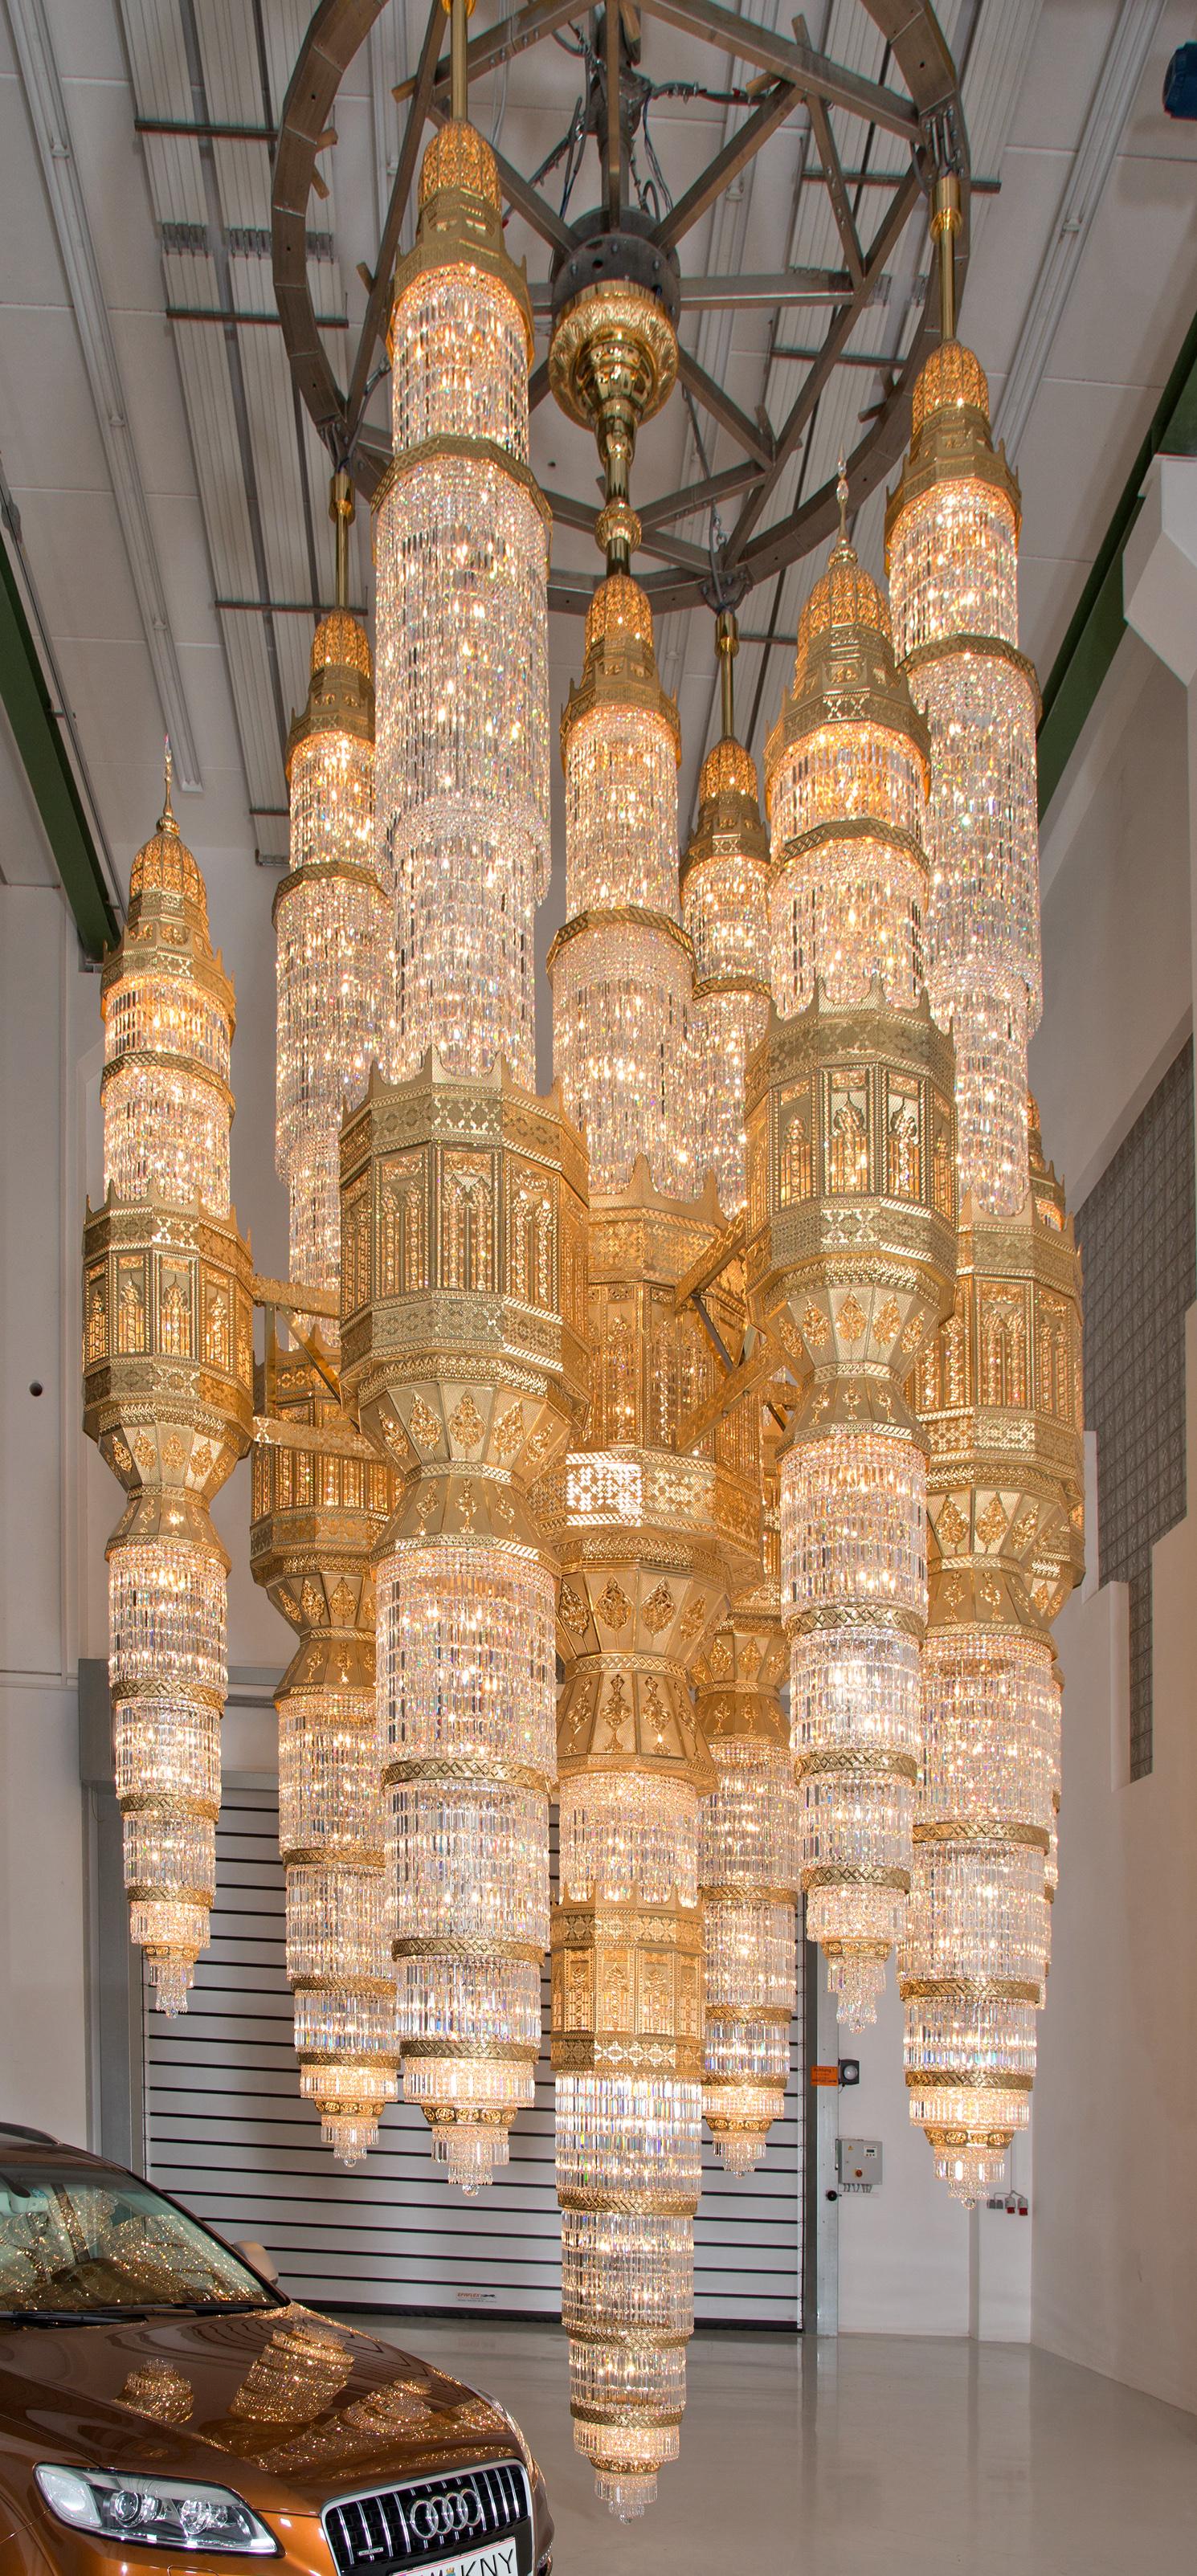 Filecrystal chandelier al ameen mosqueg wikimedia commons filecrystal chandelier al ameen mosqueg arubaitofo Images